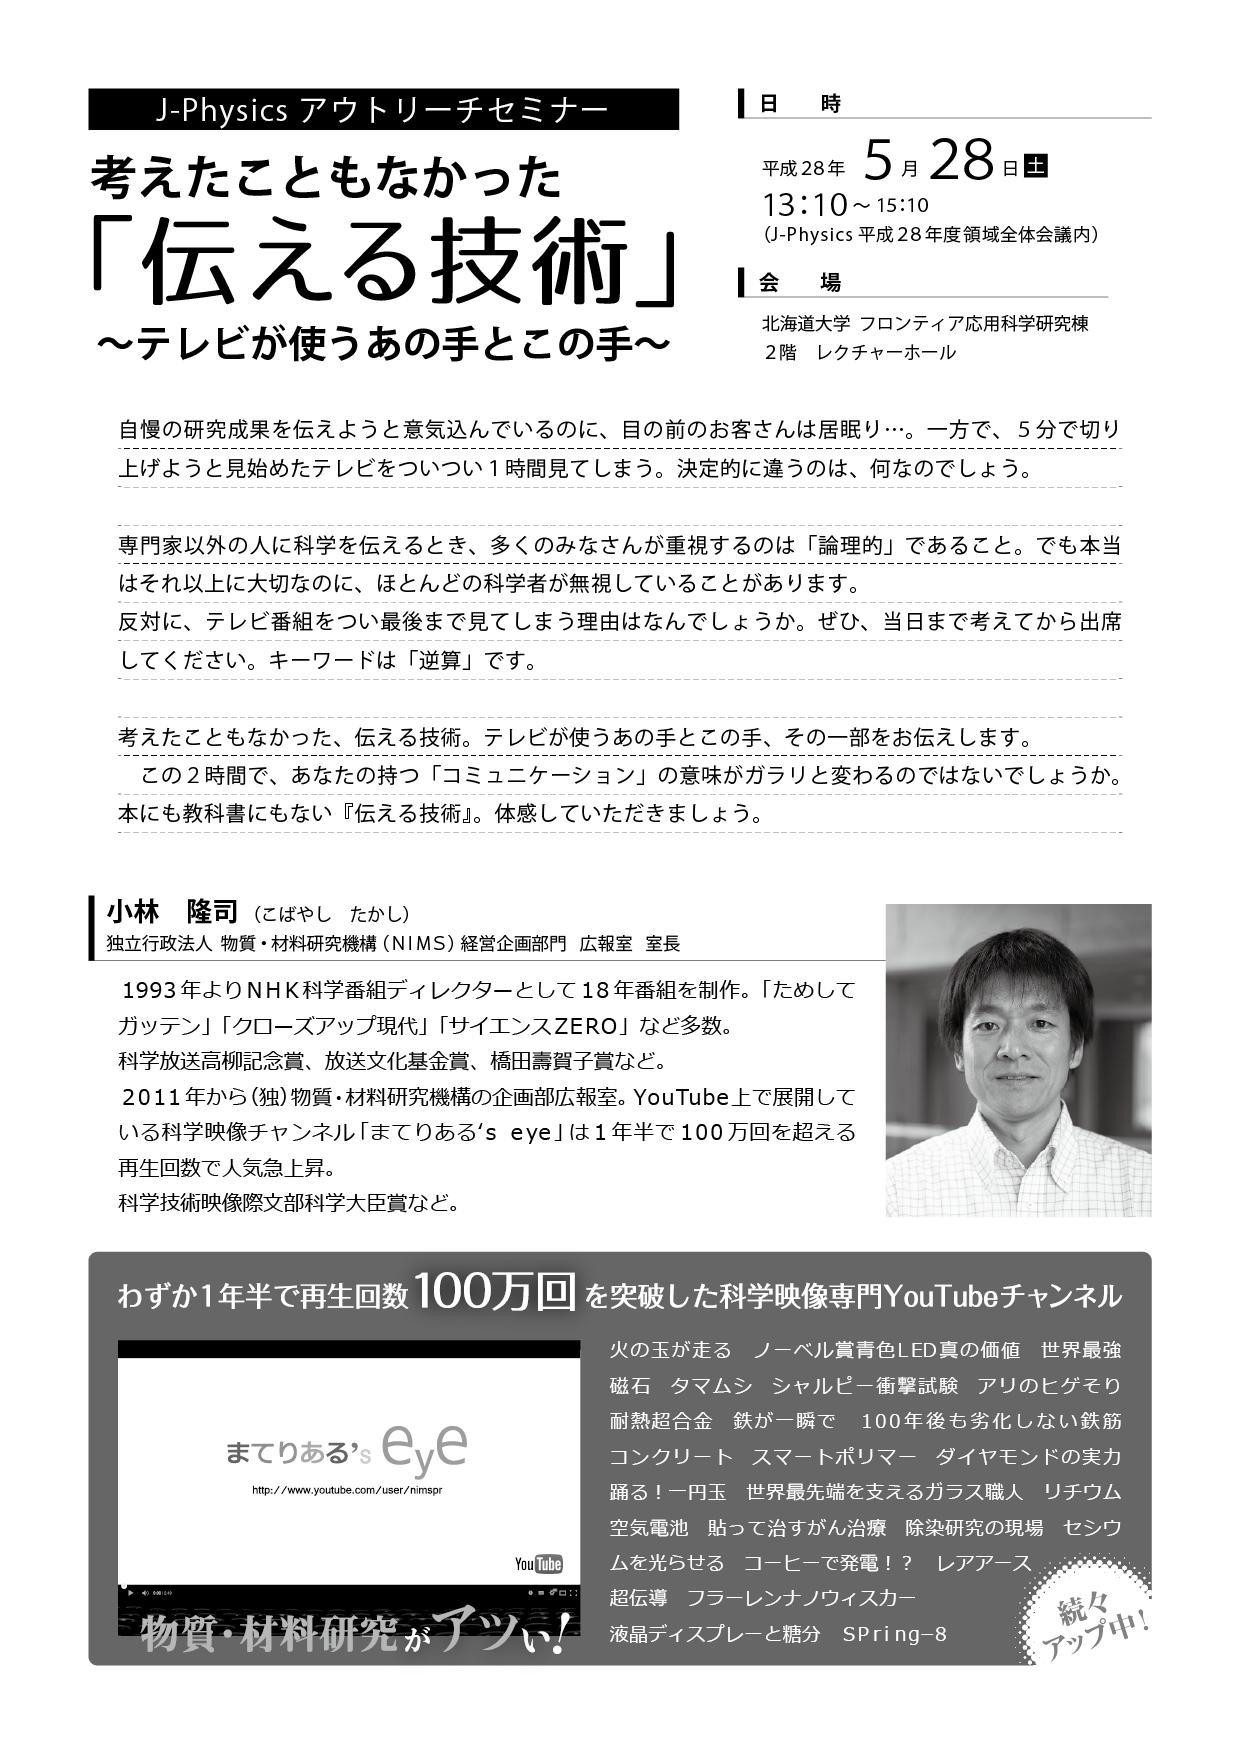 20160528_小林先生セミナー_裏